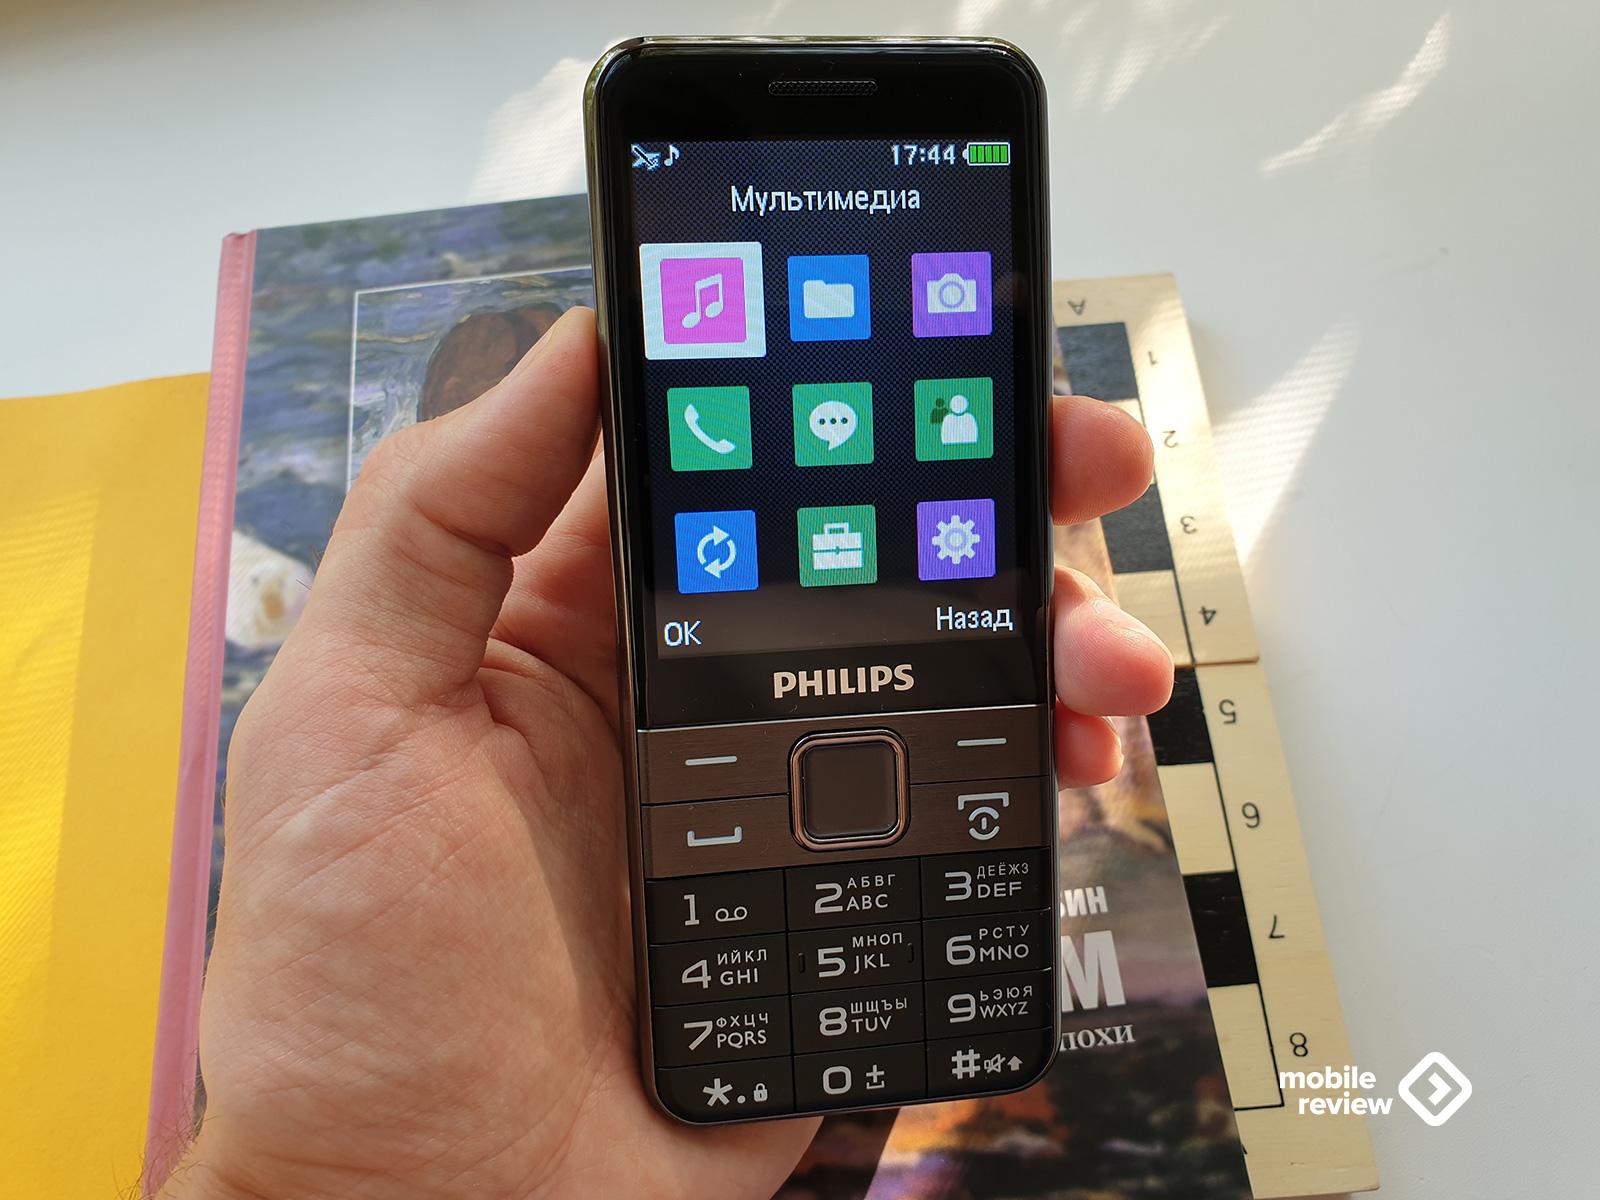 В чем главное преимущество кнопочных телефонов перед смартфонами?